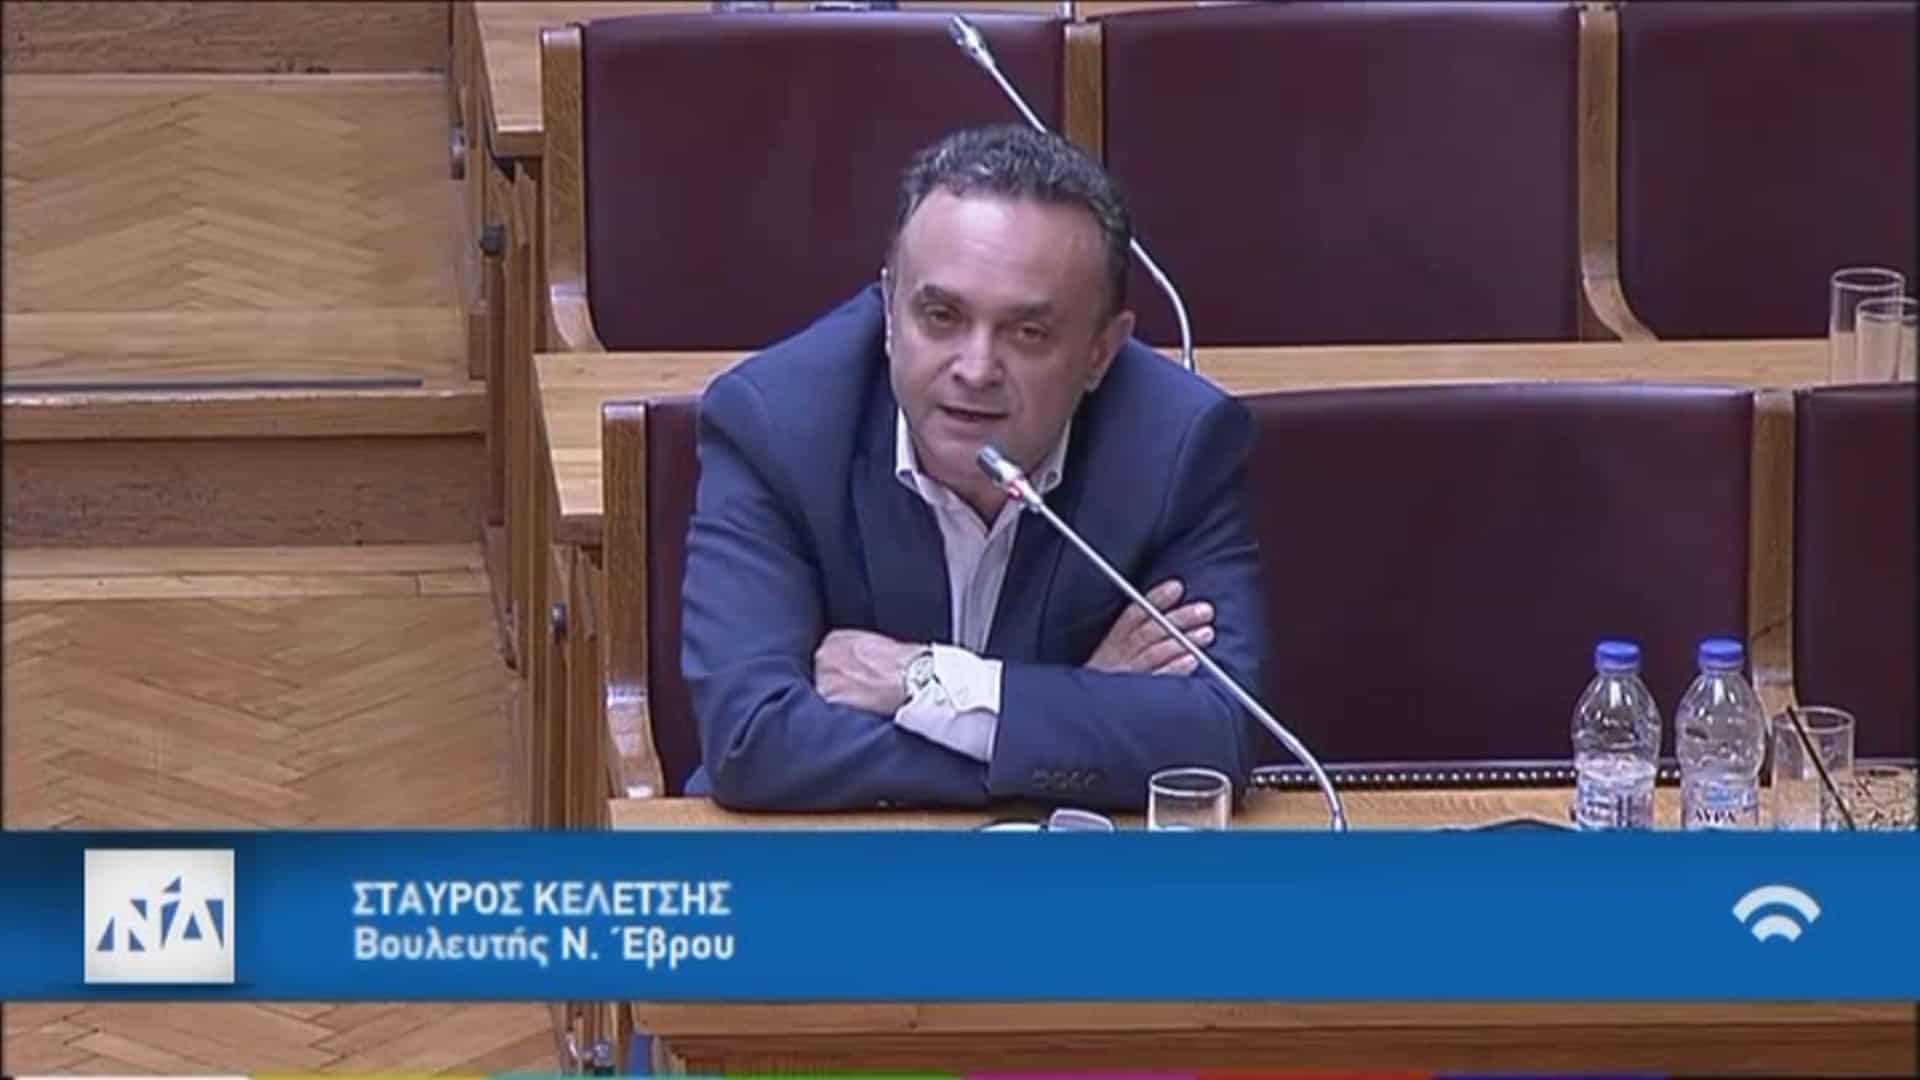 Η παρέμβαση Κελέτση στην κοινή Συνεδρίαση Επιτροπών και η ερώτηση στον Υπουργό Τουρισμού για Σαμοθράκη και Τελωνείο Κήπων